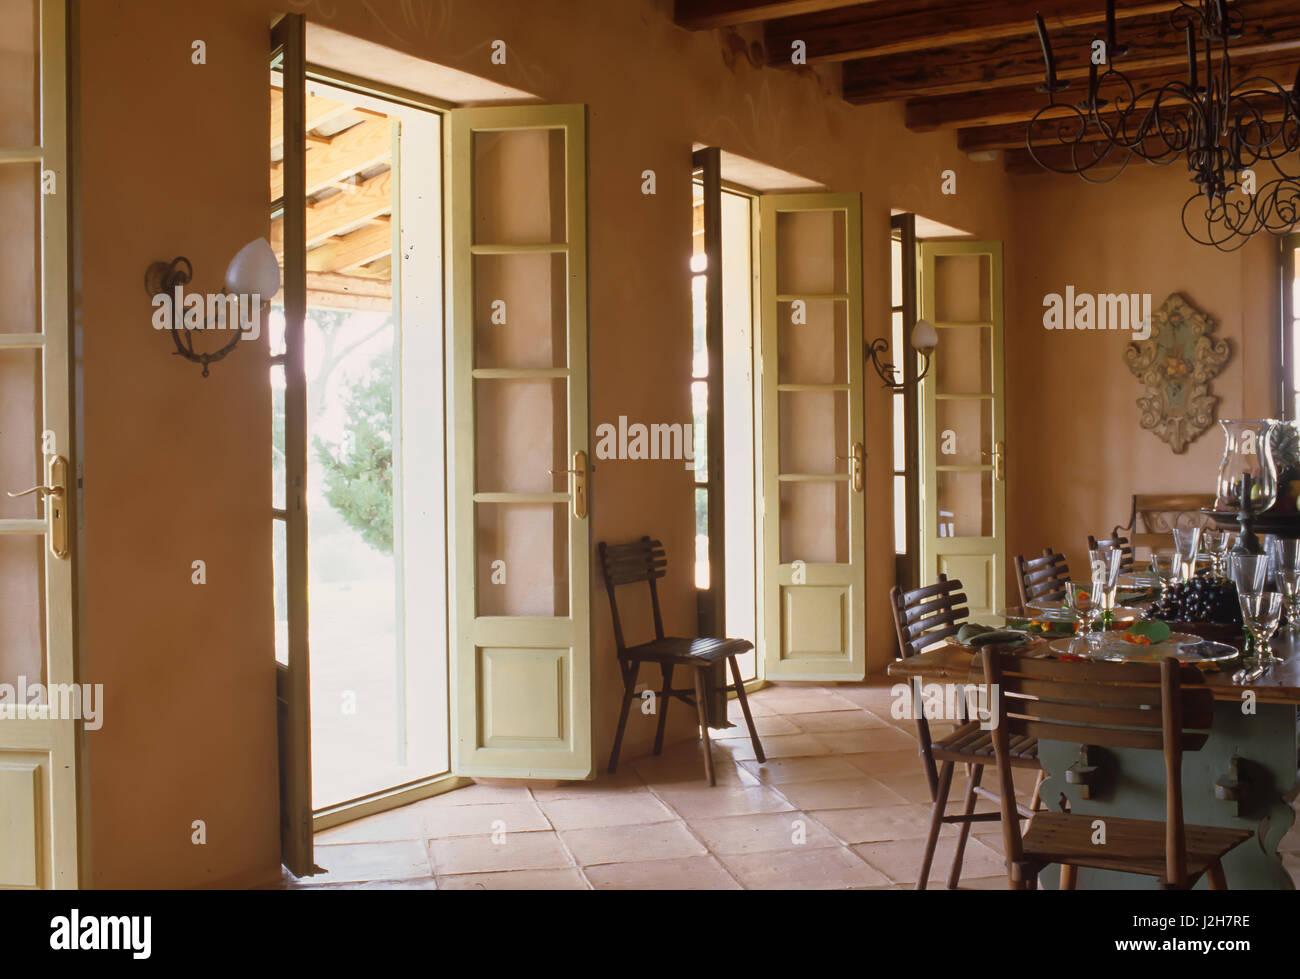 Tavolo e sedie con aprire porte Francesi Immagini Stock